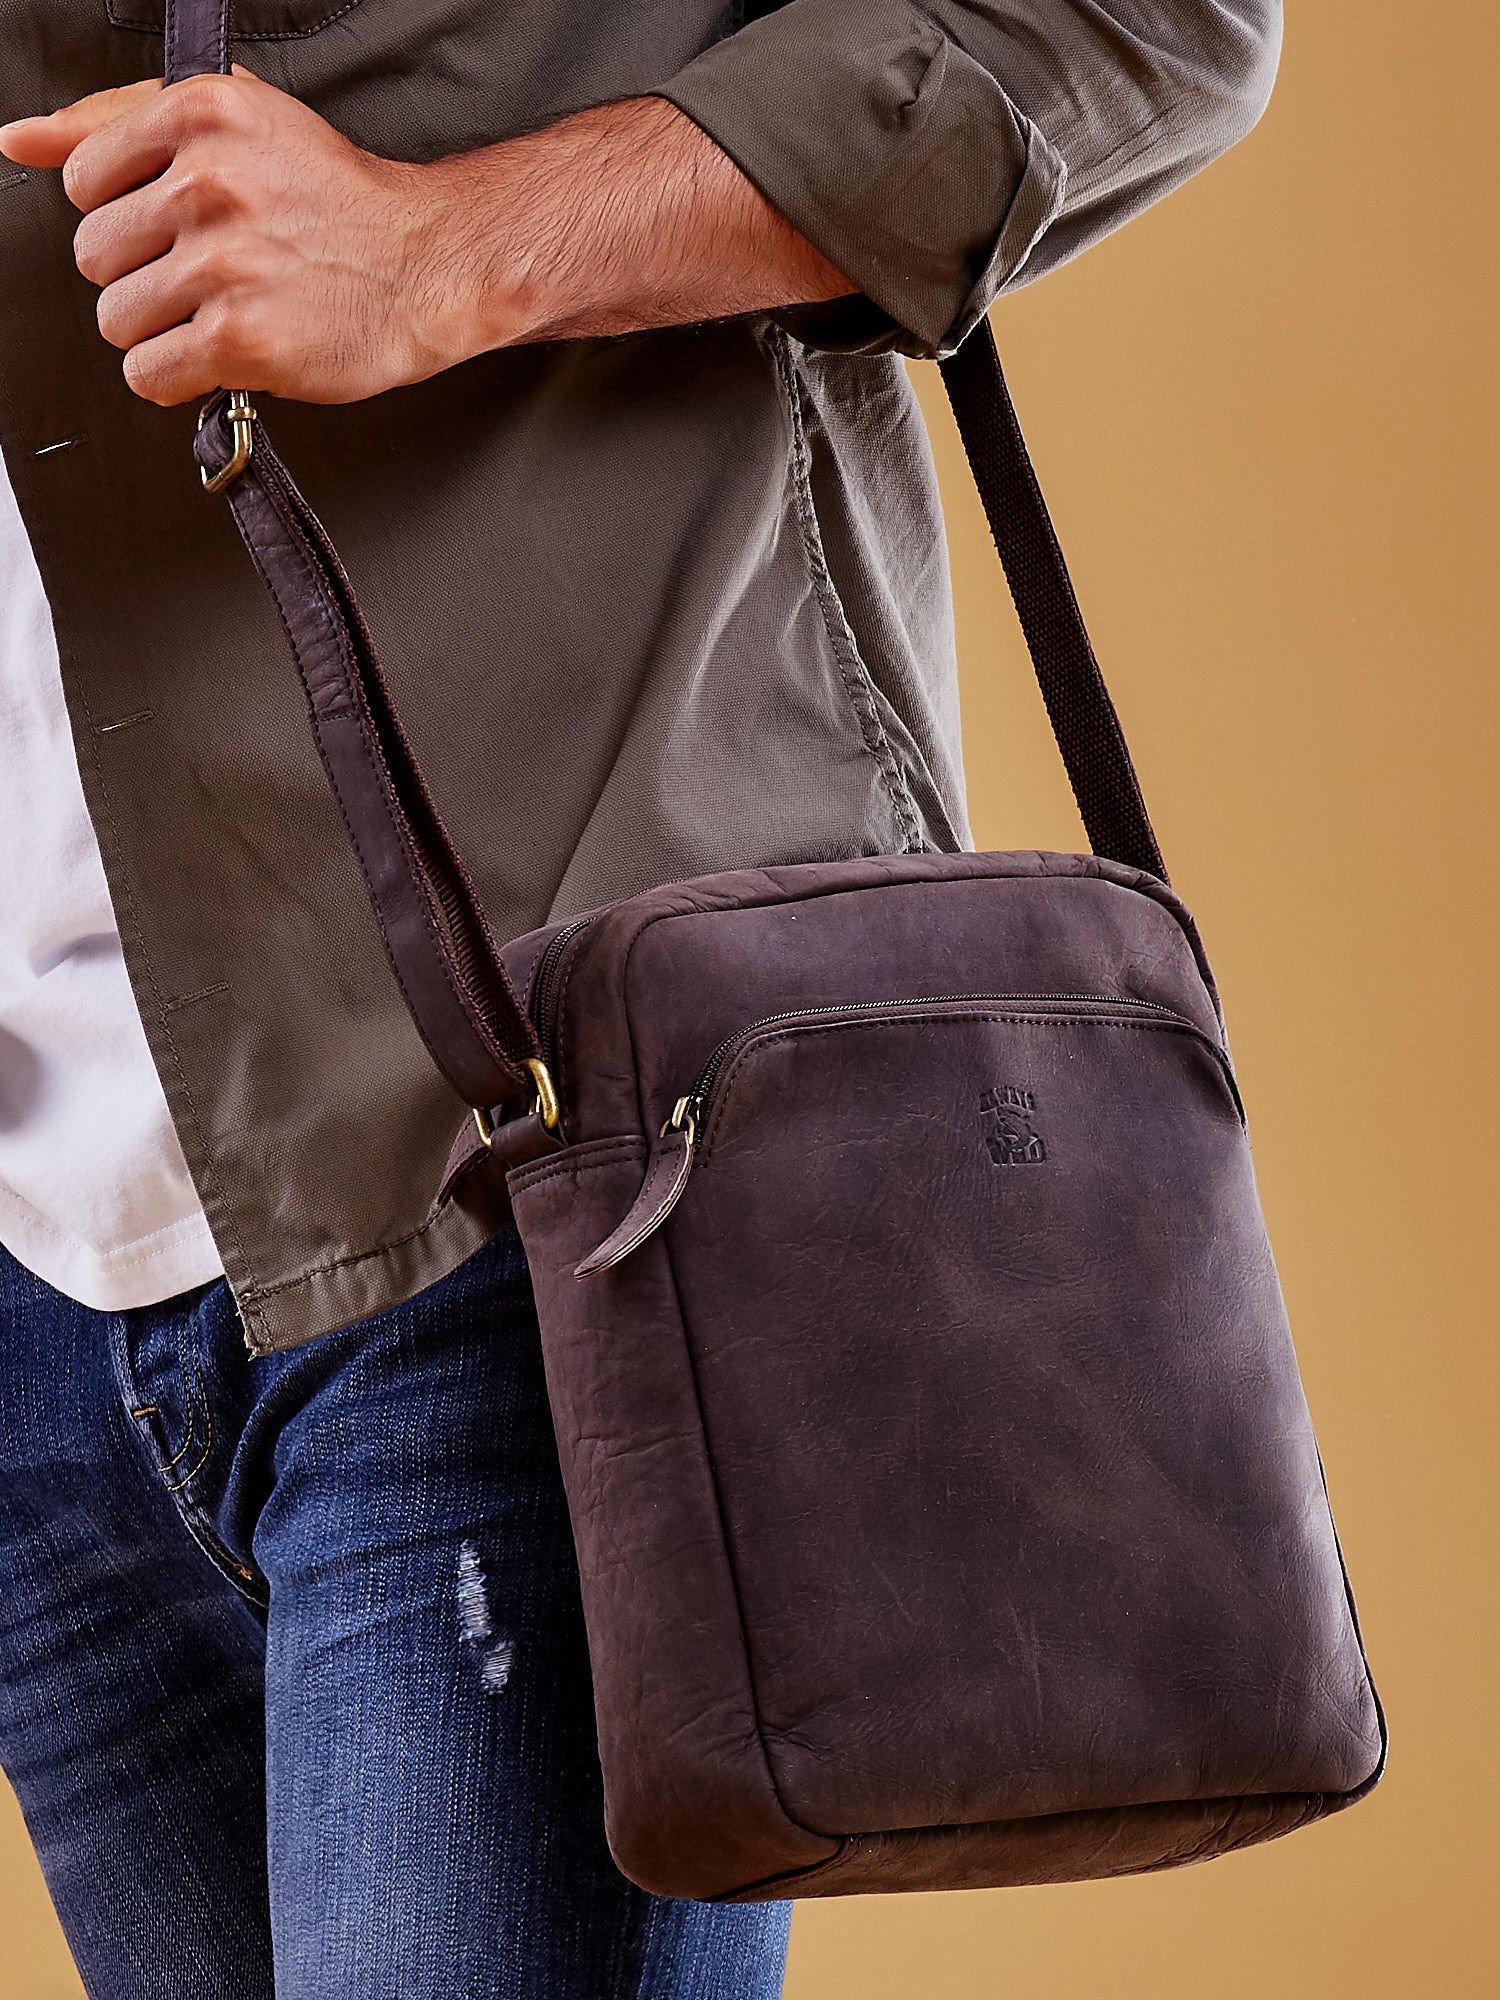 79c288e1af4a6 Ciemnobrązowa torba męska skórzana na ramię - Mężczyźni Torba męska - sklep  eButik.pl